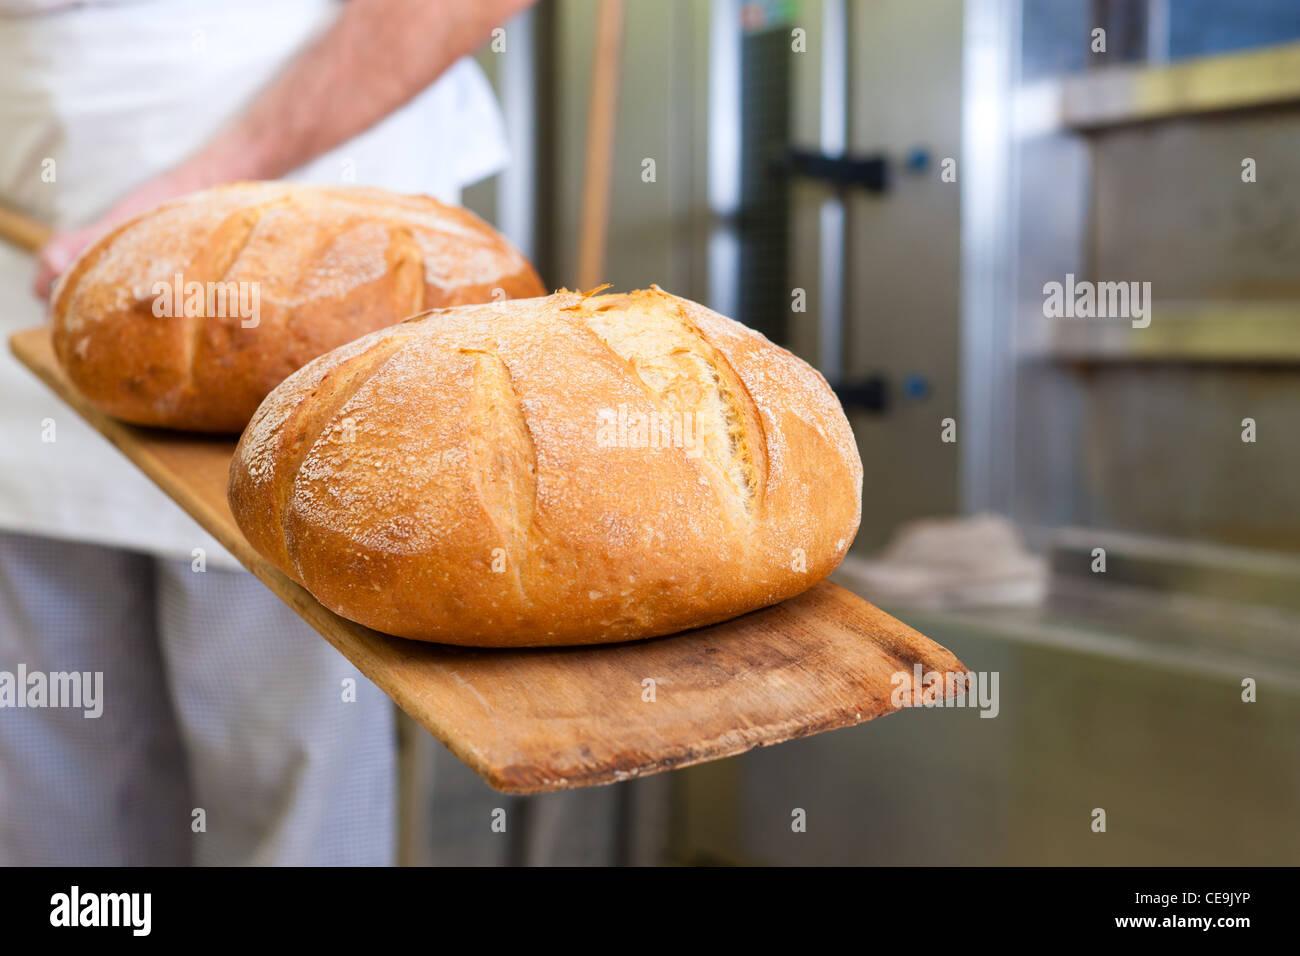 La cuisson du pain frais baker mâle dans le fournil Photo Stock